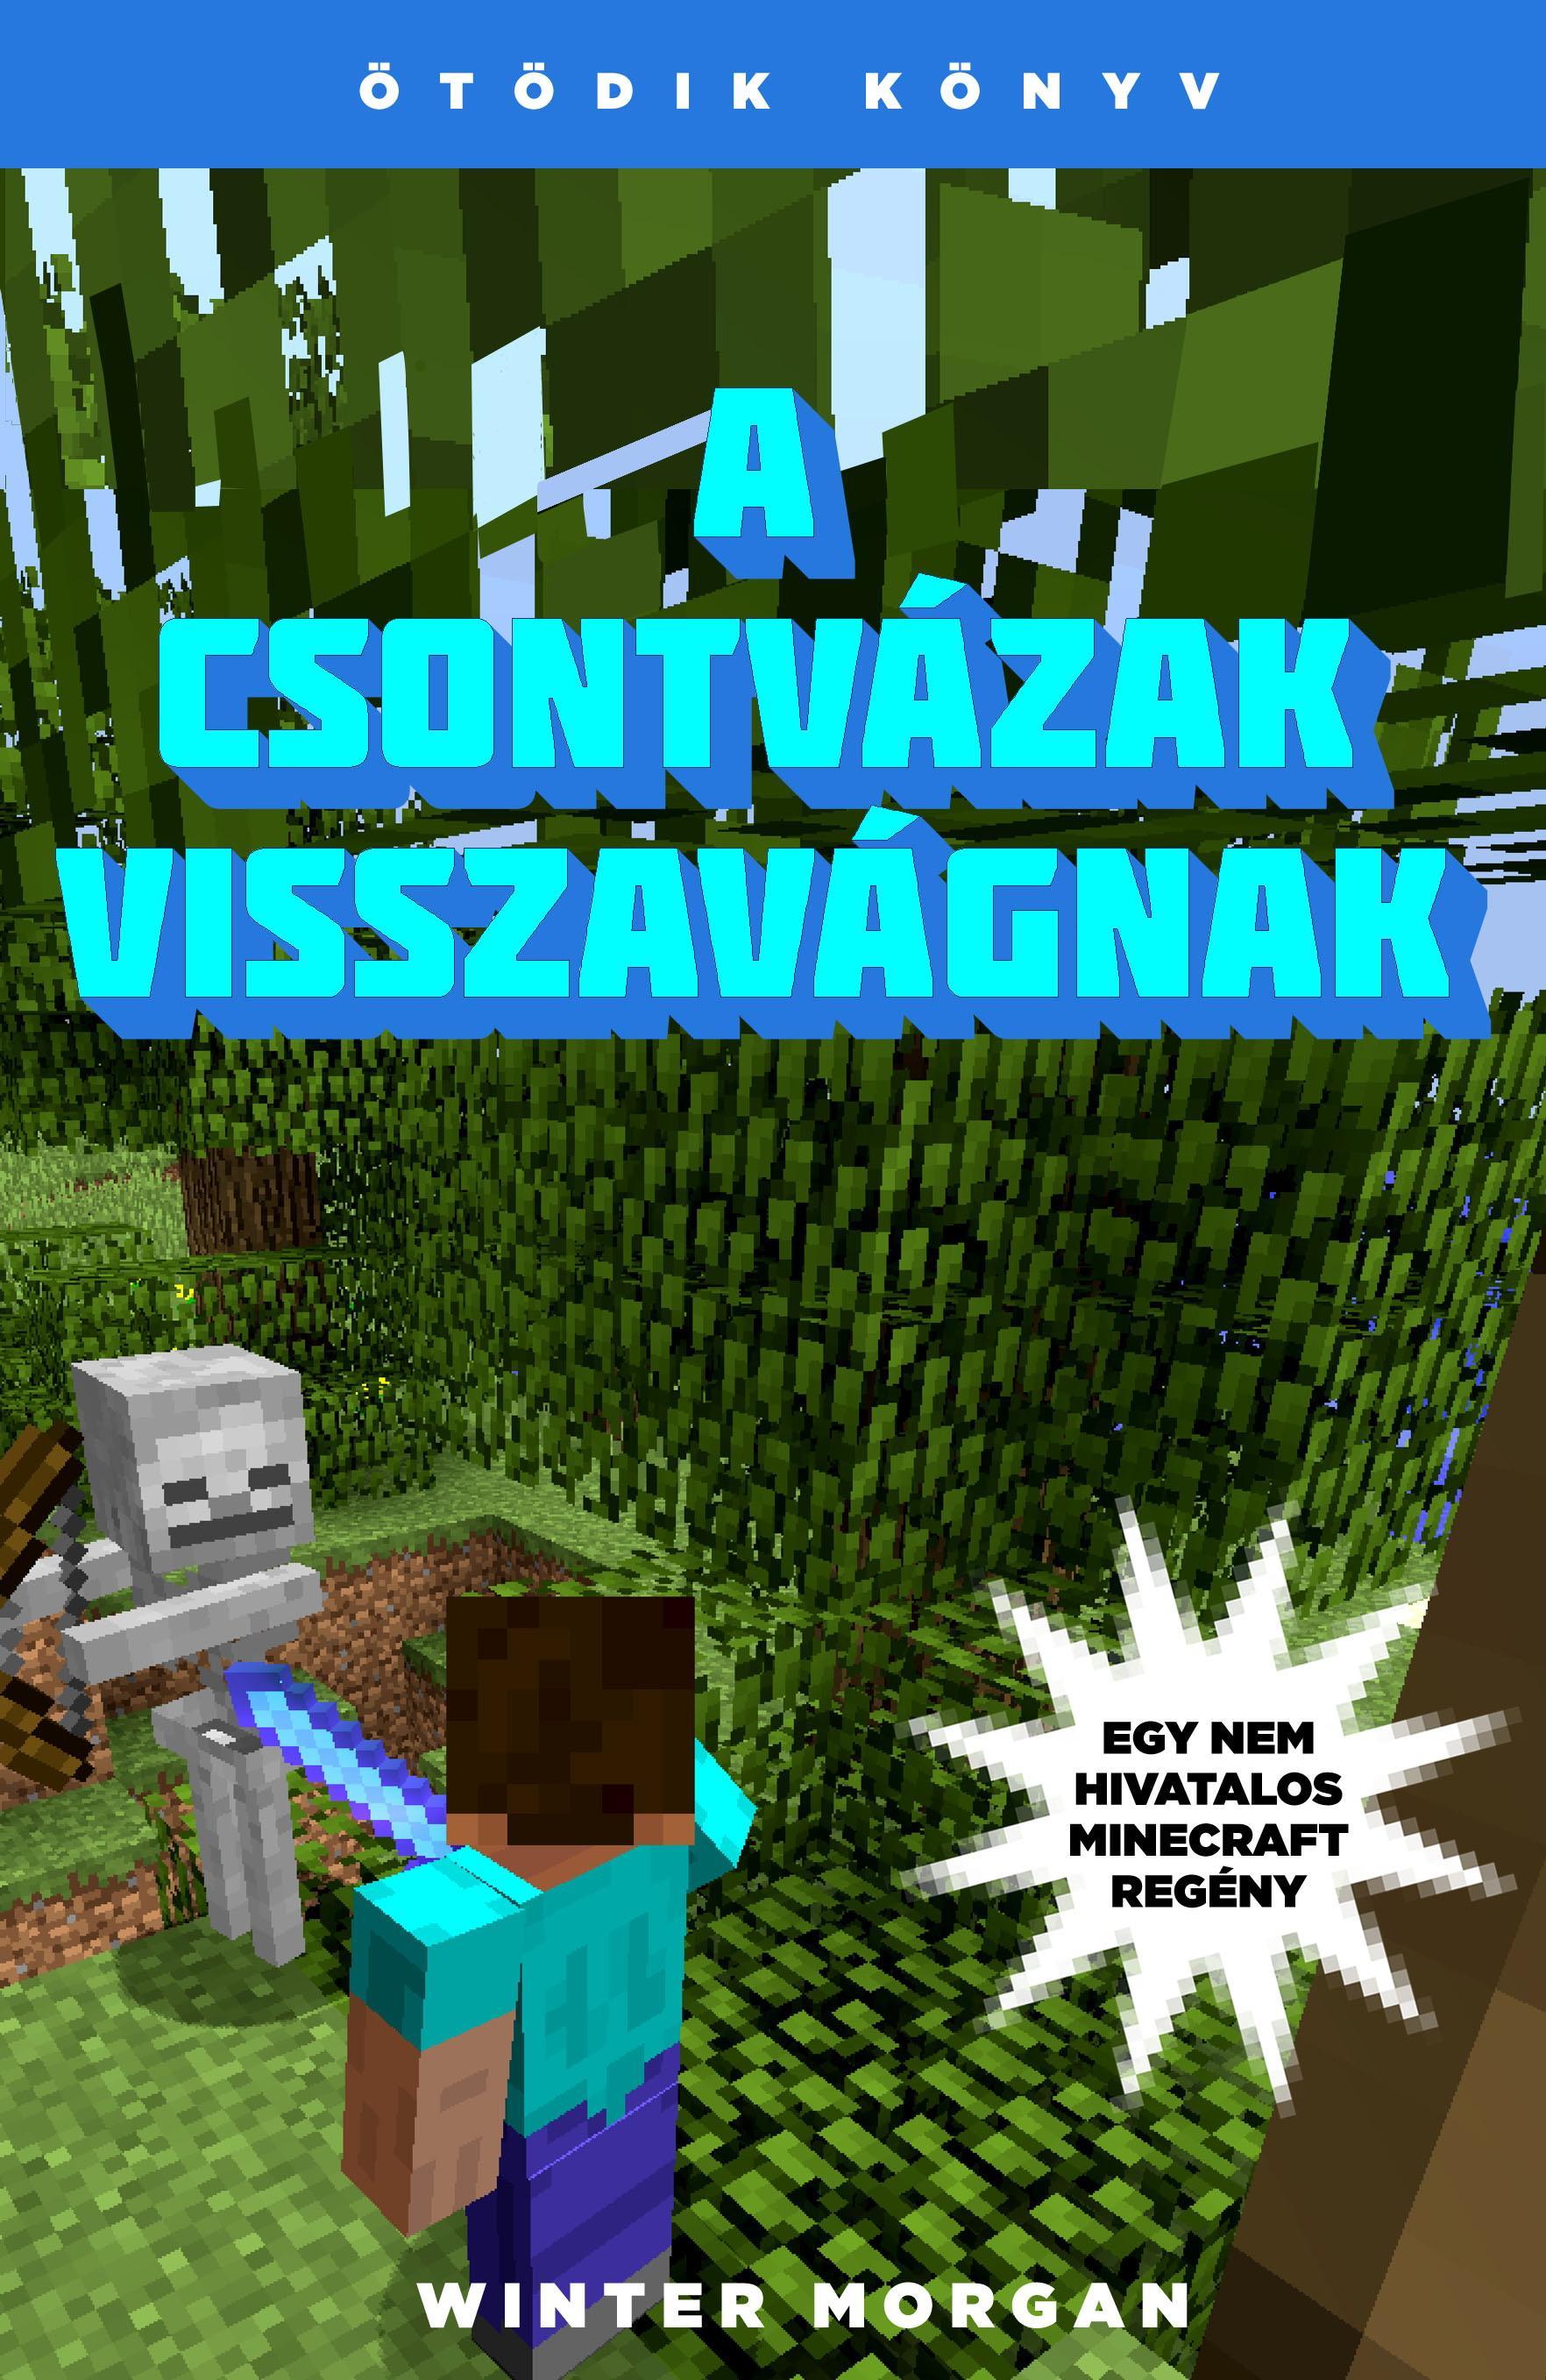 A CSONTVÁZAK VISSZAVÁGNAK - MINECRAFT 5.